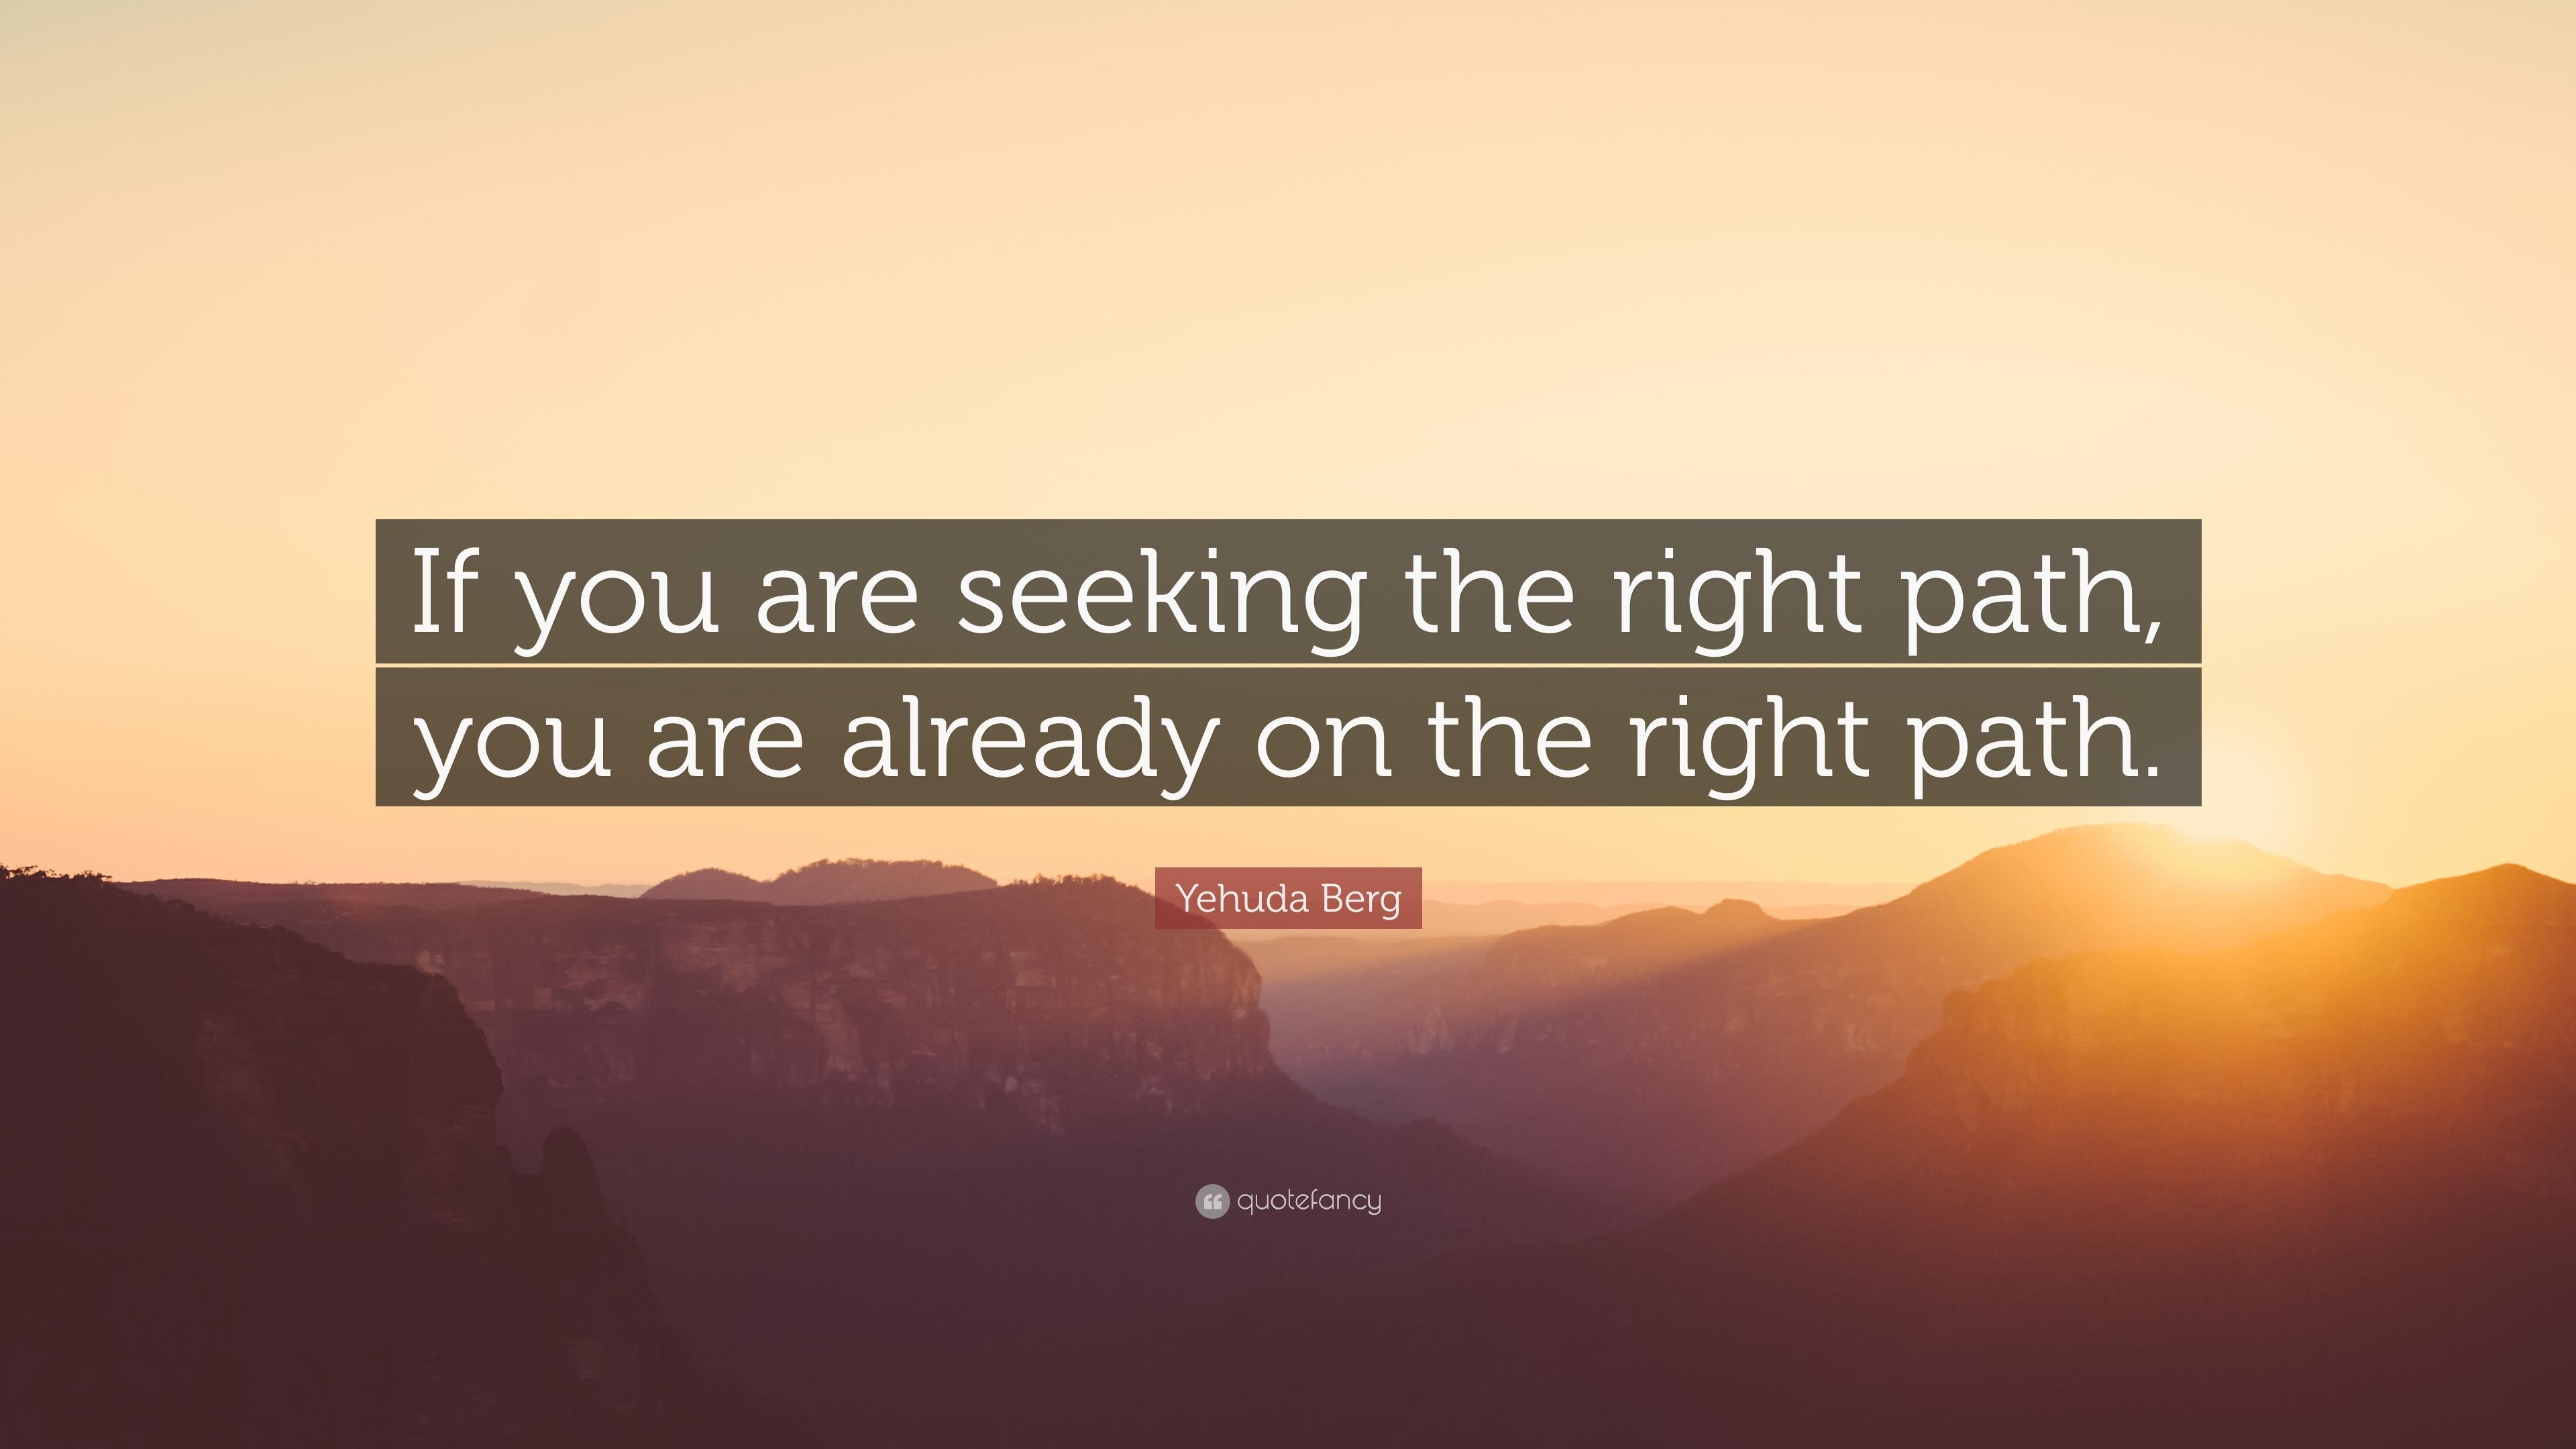 Yehuda Berg Quotes 41 Wallpapers Quotefancy